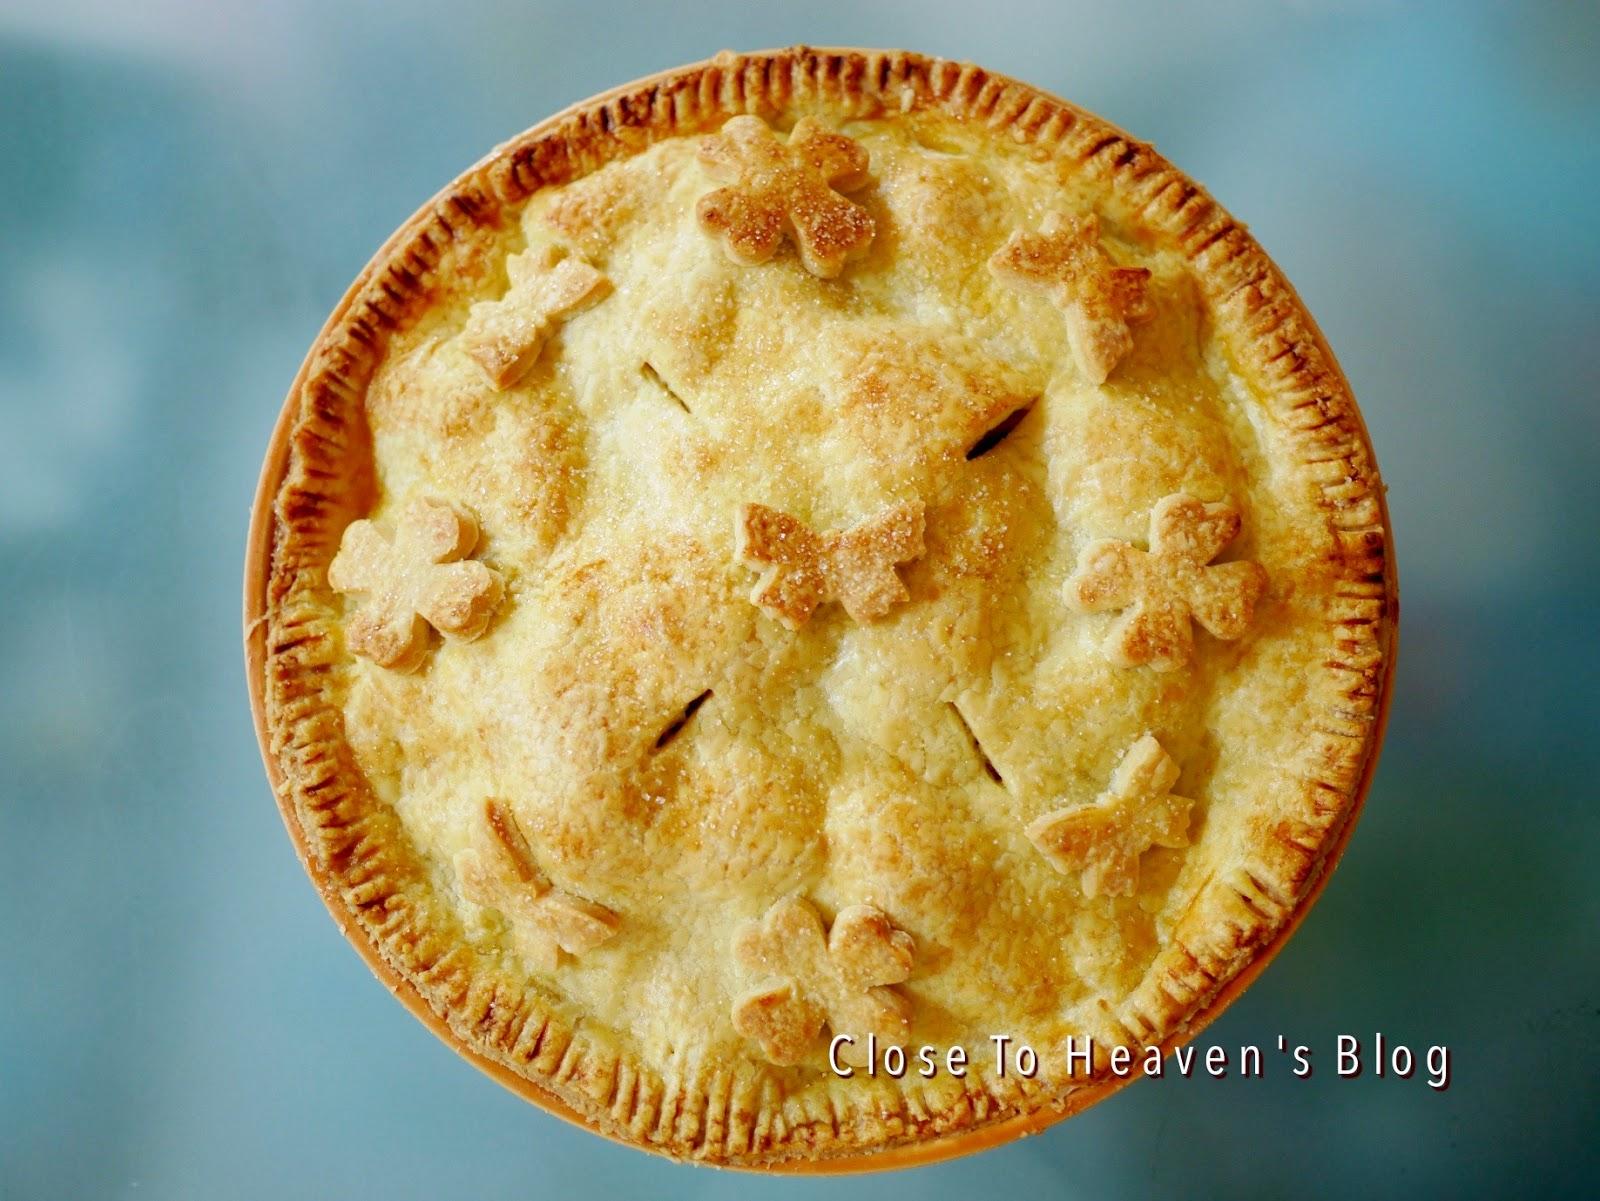 ... พายในดวงใจ Perfect (All-Butter) Pie Crust